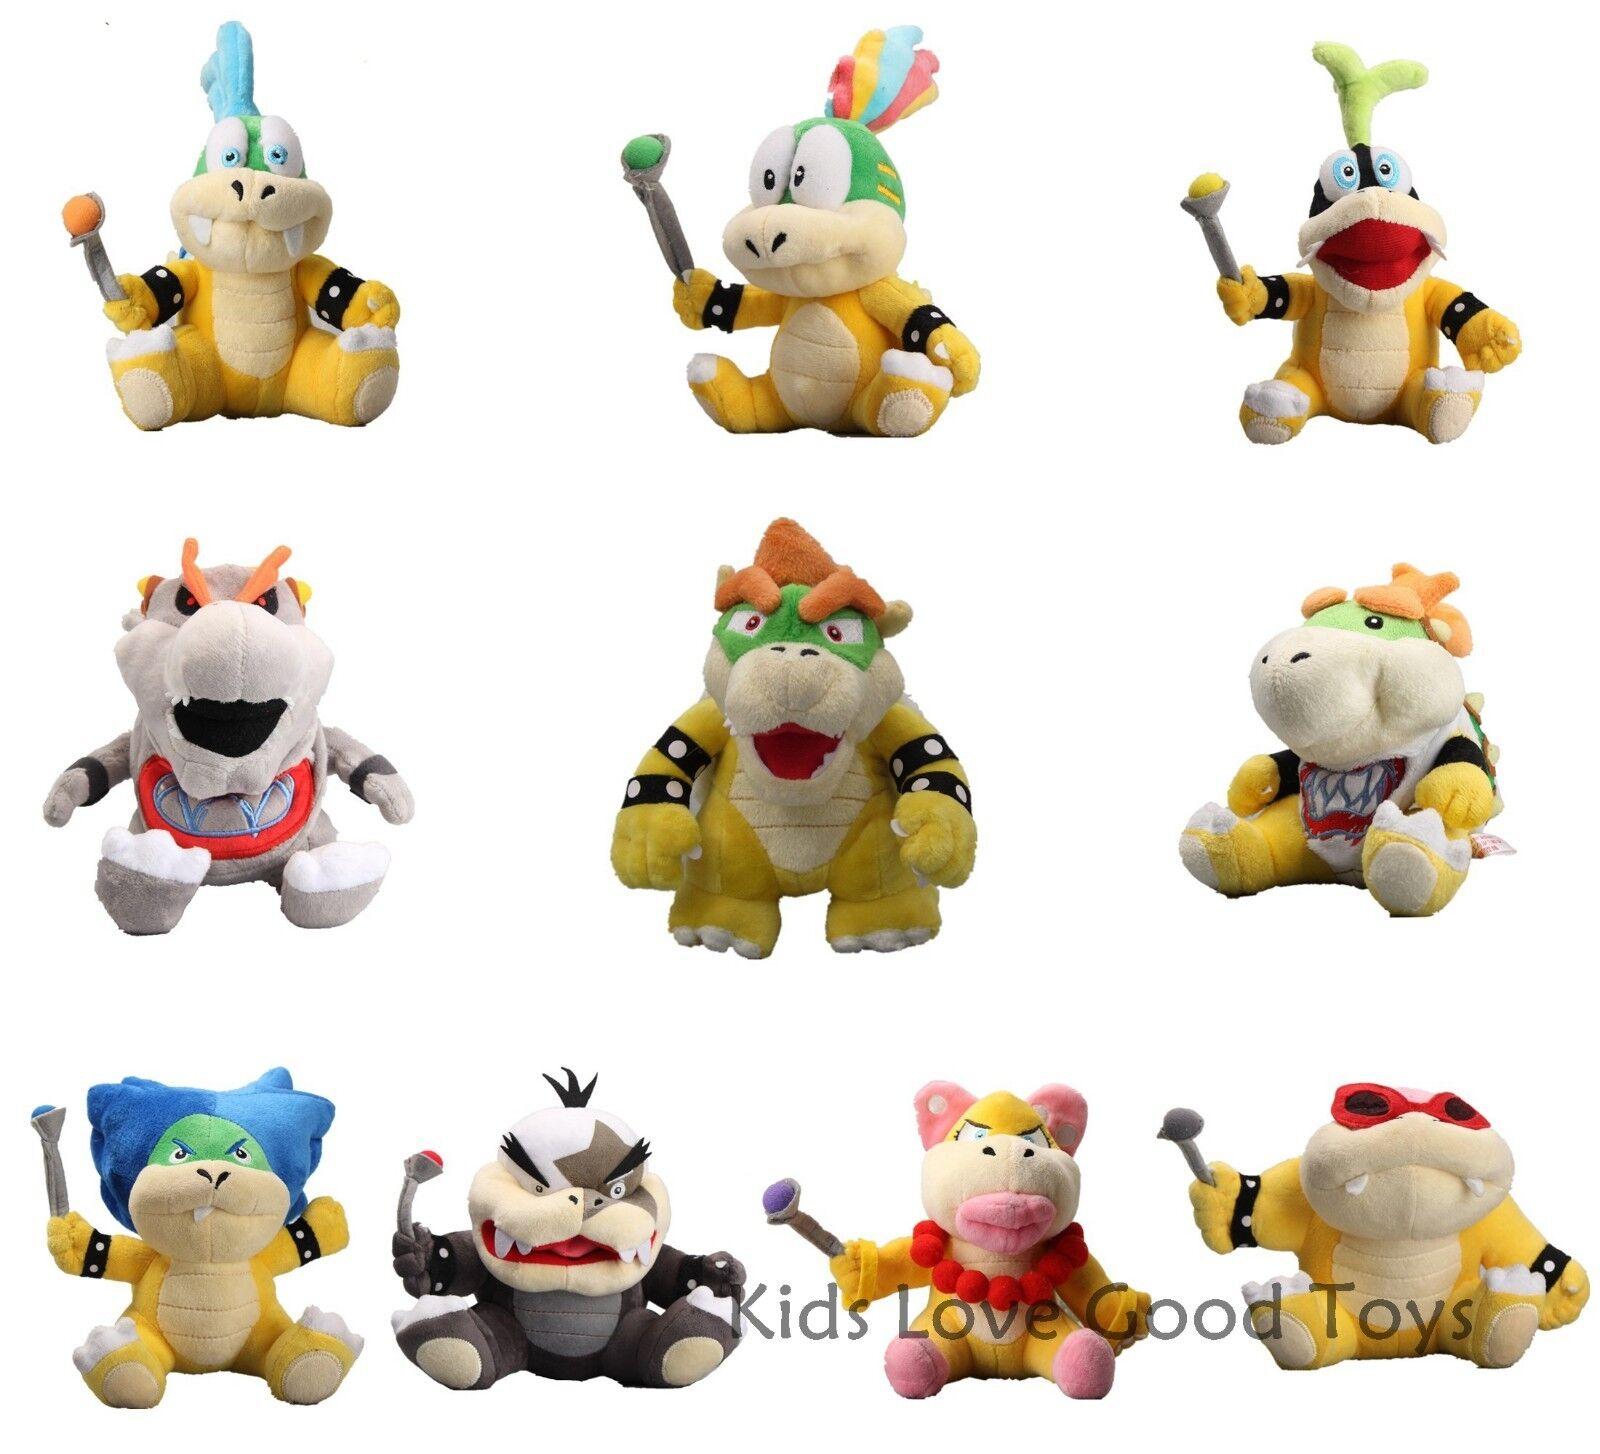 10X Super Mario Plush King Bowser och ungar Koopalings Koopa Larry Lemmy Ludwig ETC